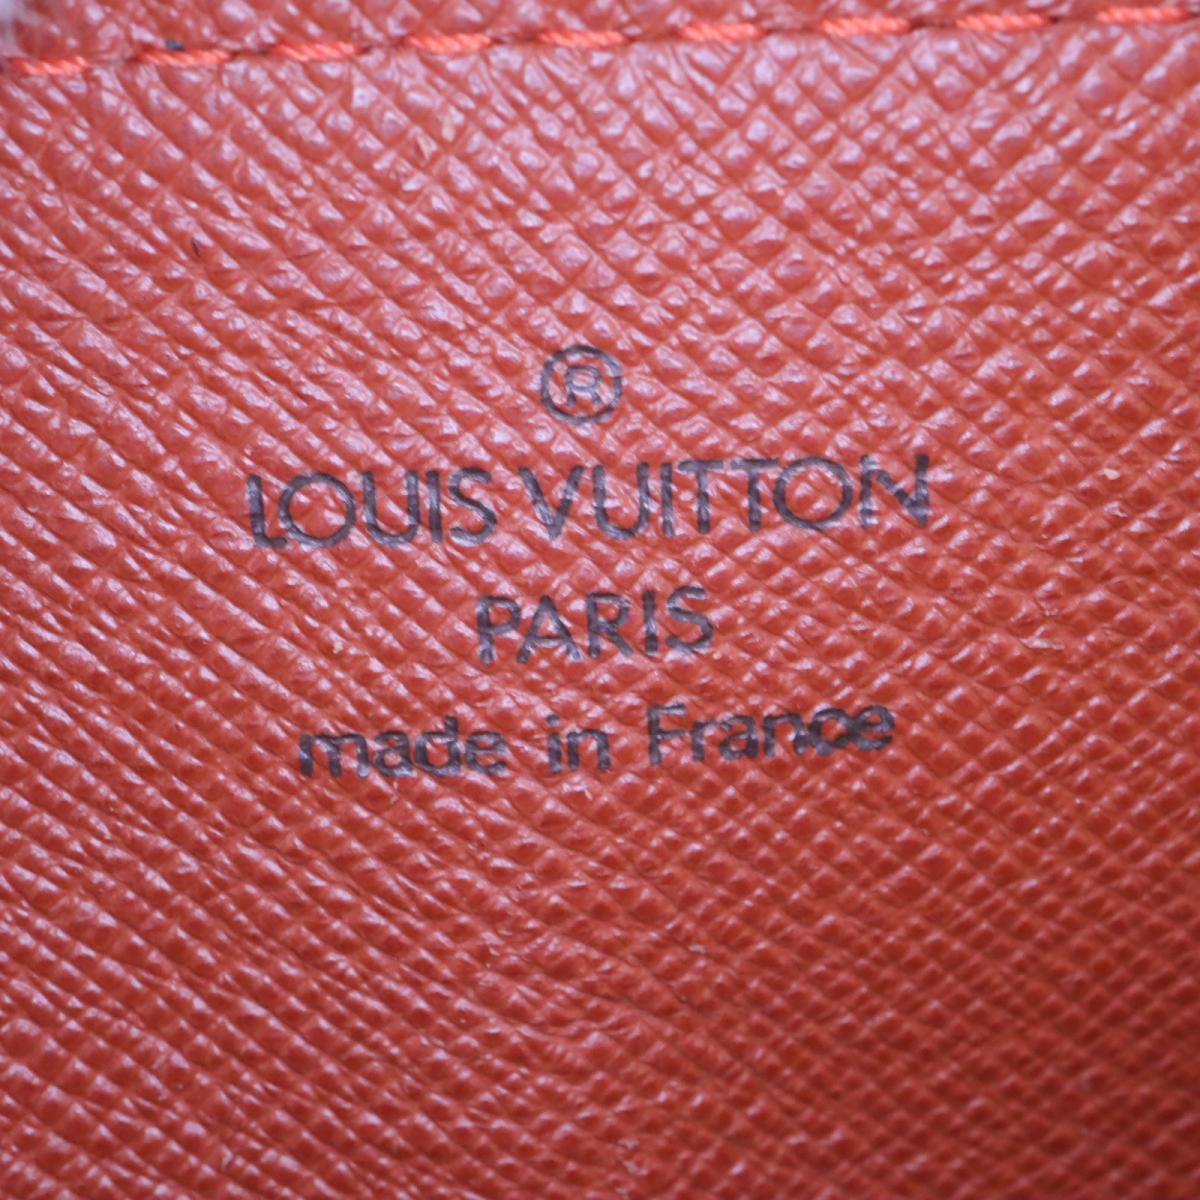 ルイヴィトン パピヨン PM ショルダーバッグ レディース ダミエN51304LOUIS VUITTON BRANDOFF ブランドオフ ヴィトン ルイ・ヴィトン ブランド ブランドバッグ バッグ バック ショルダー8wmNn0